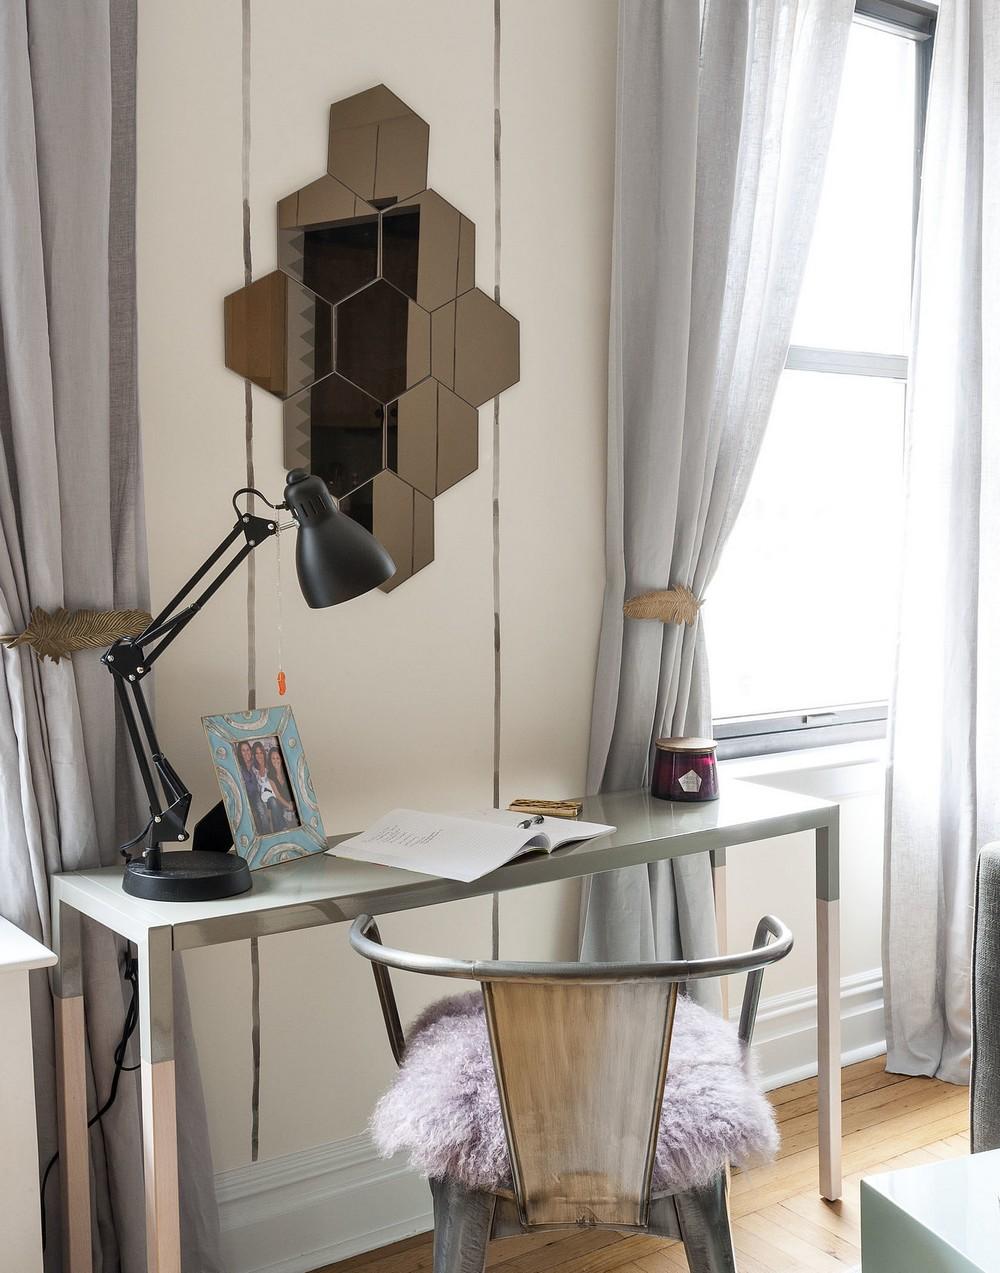 malak-apartament-s-udoben-i-priqten-interior-v-manhatan-6g